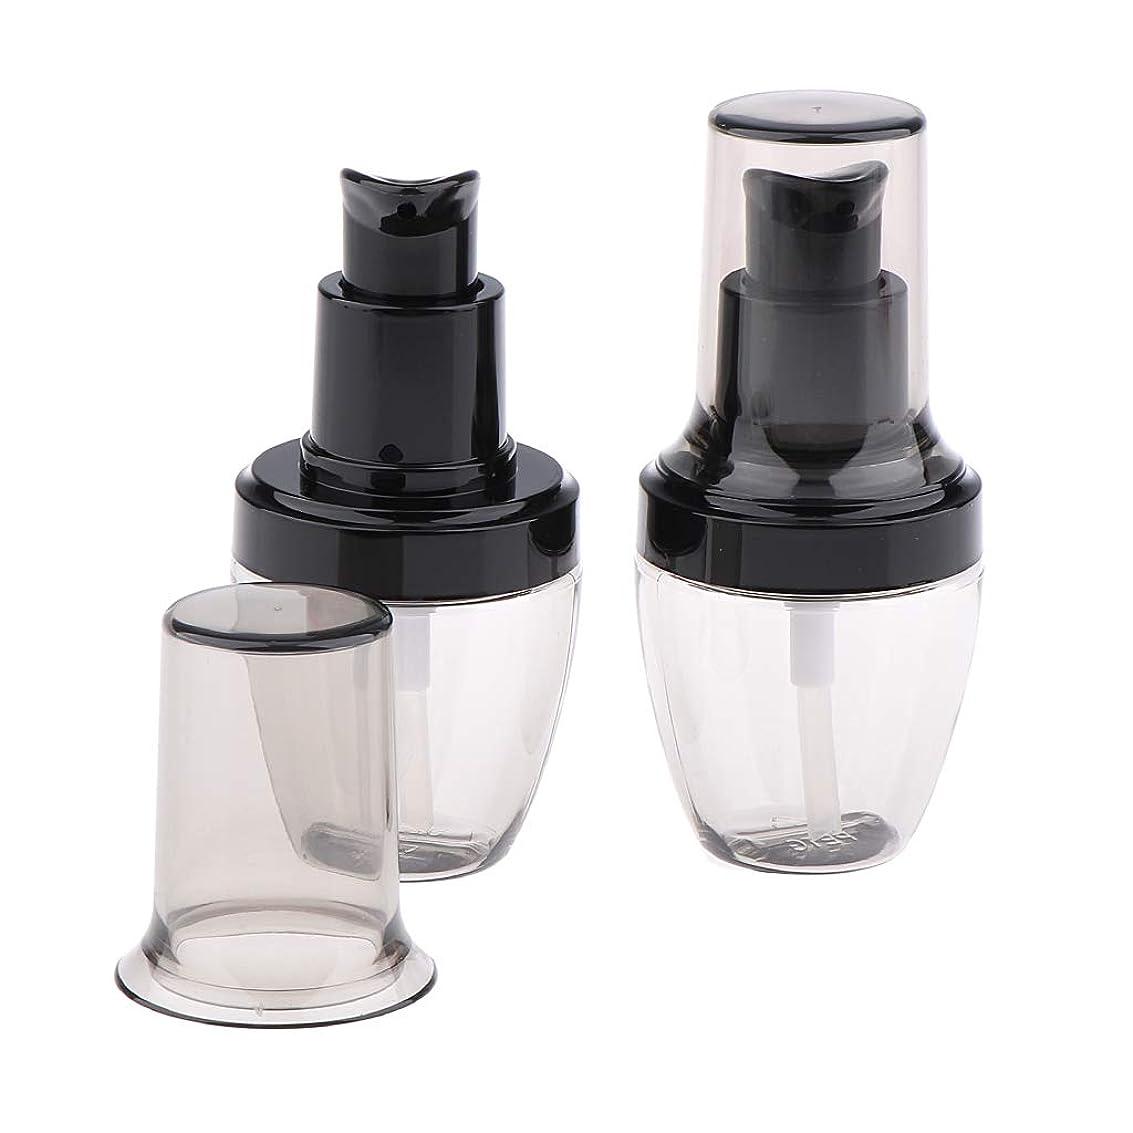 報酬の寺院キリストF Fityle 2個 メイクアップ ポンプボトル 旅行 詰め替えボトル 化粧品 ローションコンテナ 3サイズ選べ - 30ml